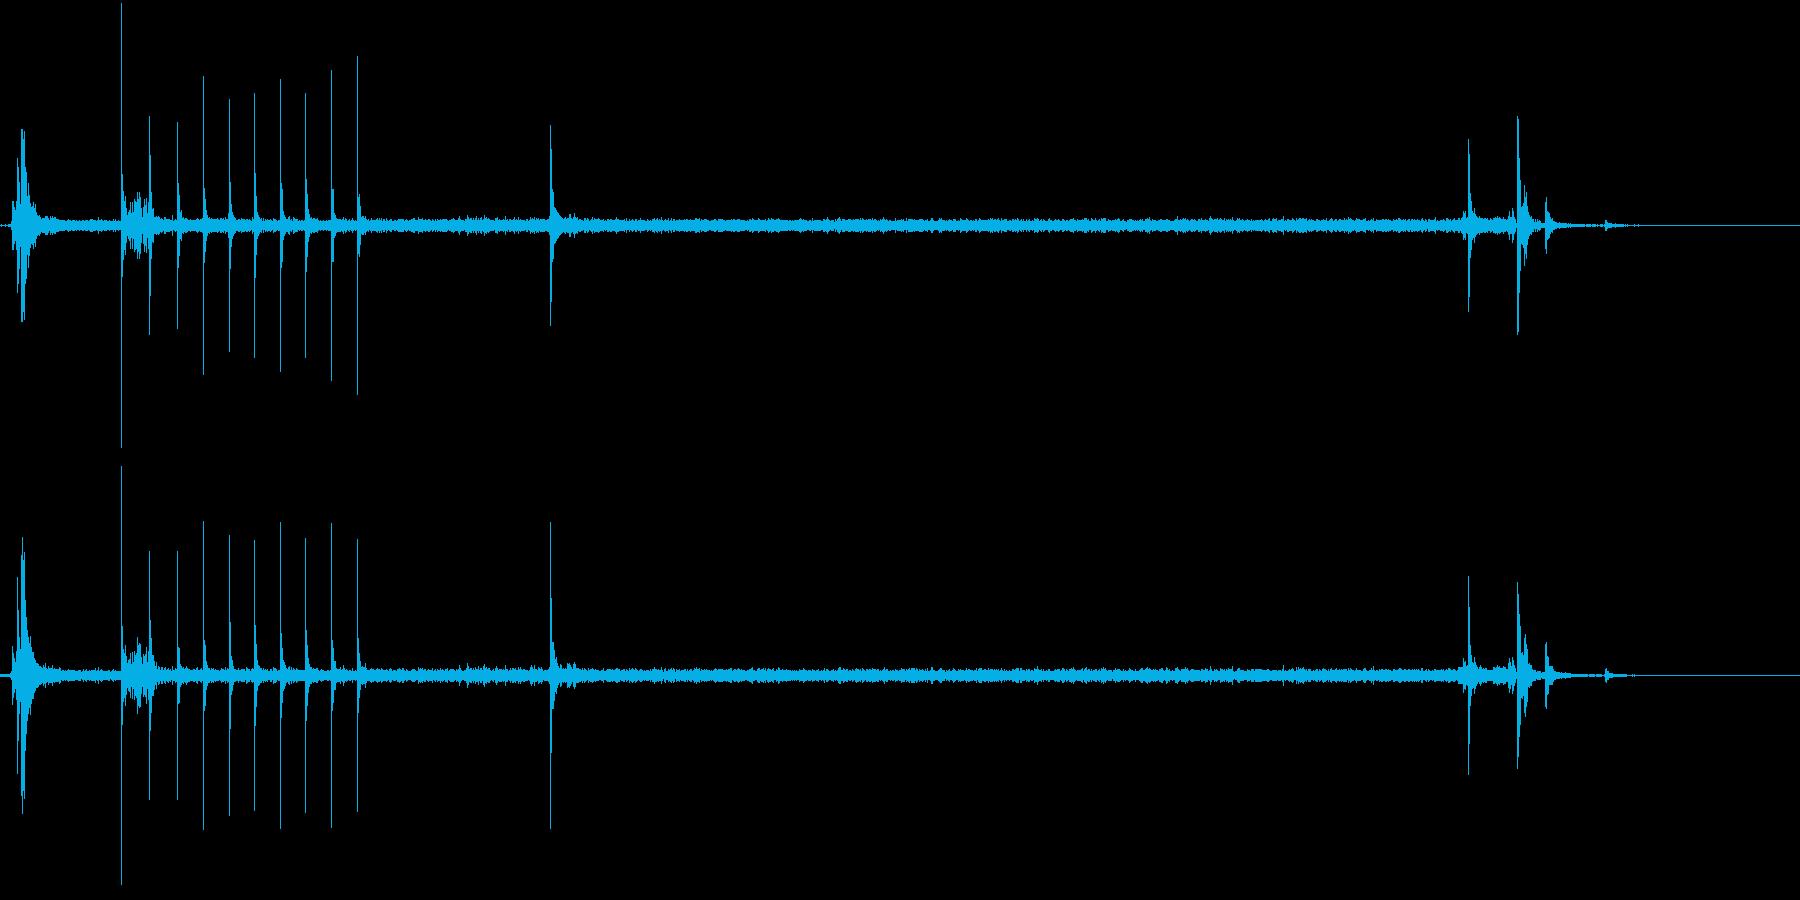 ガチャ!シュー☆ガスコンロの音の再生済みの波形